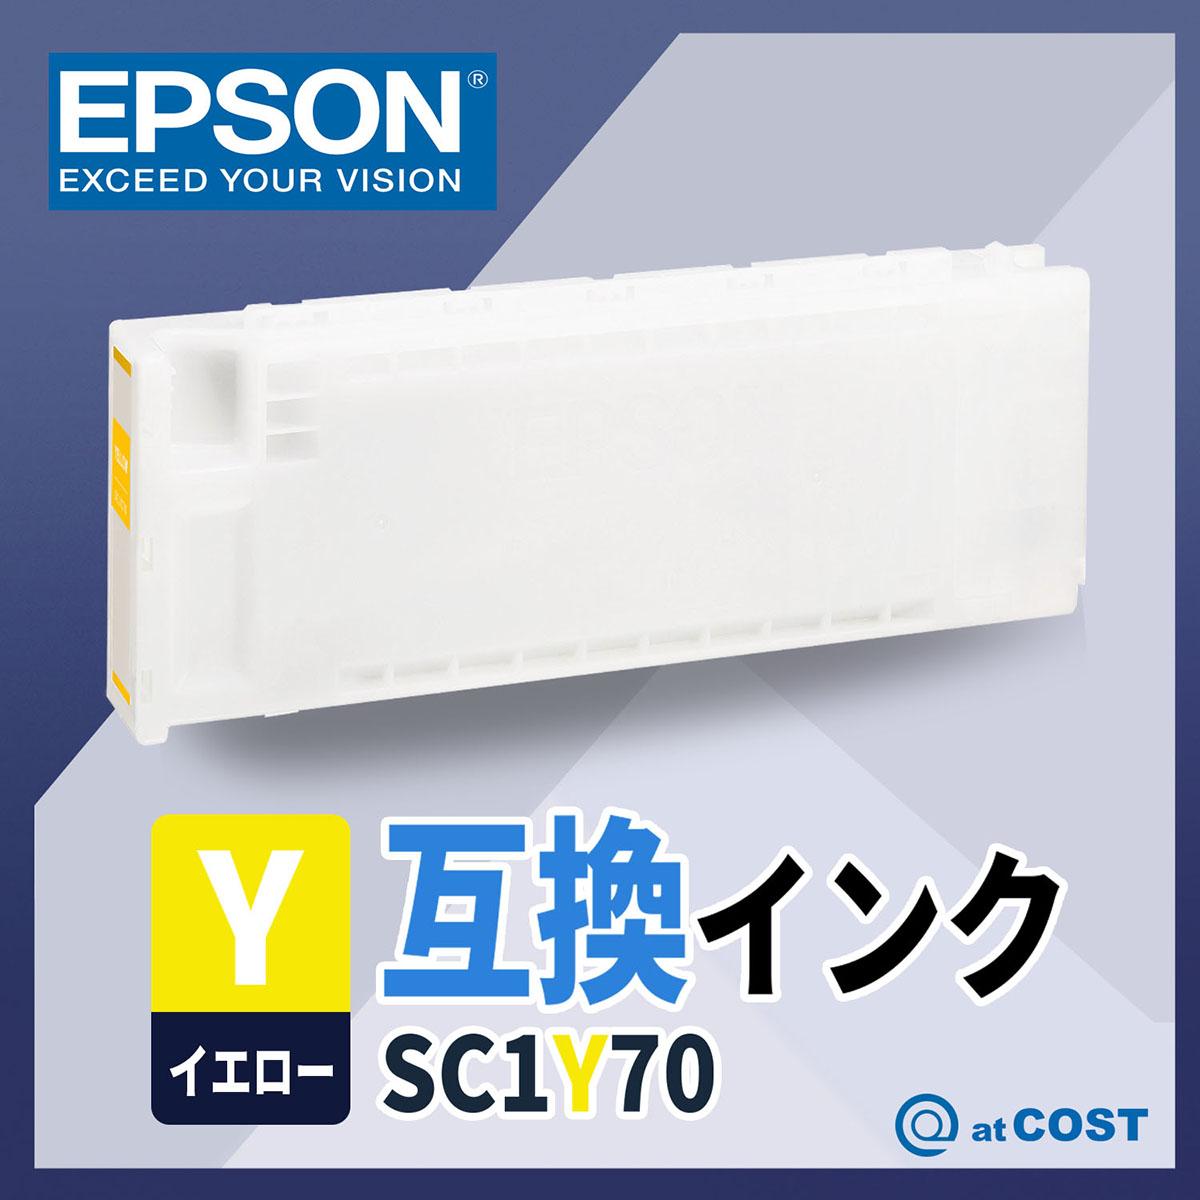 エプソン / EPSON / SC1Y70 / イエロー / 700ml / 互換インク / インクタンク / インクカートリッジ / 低価格